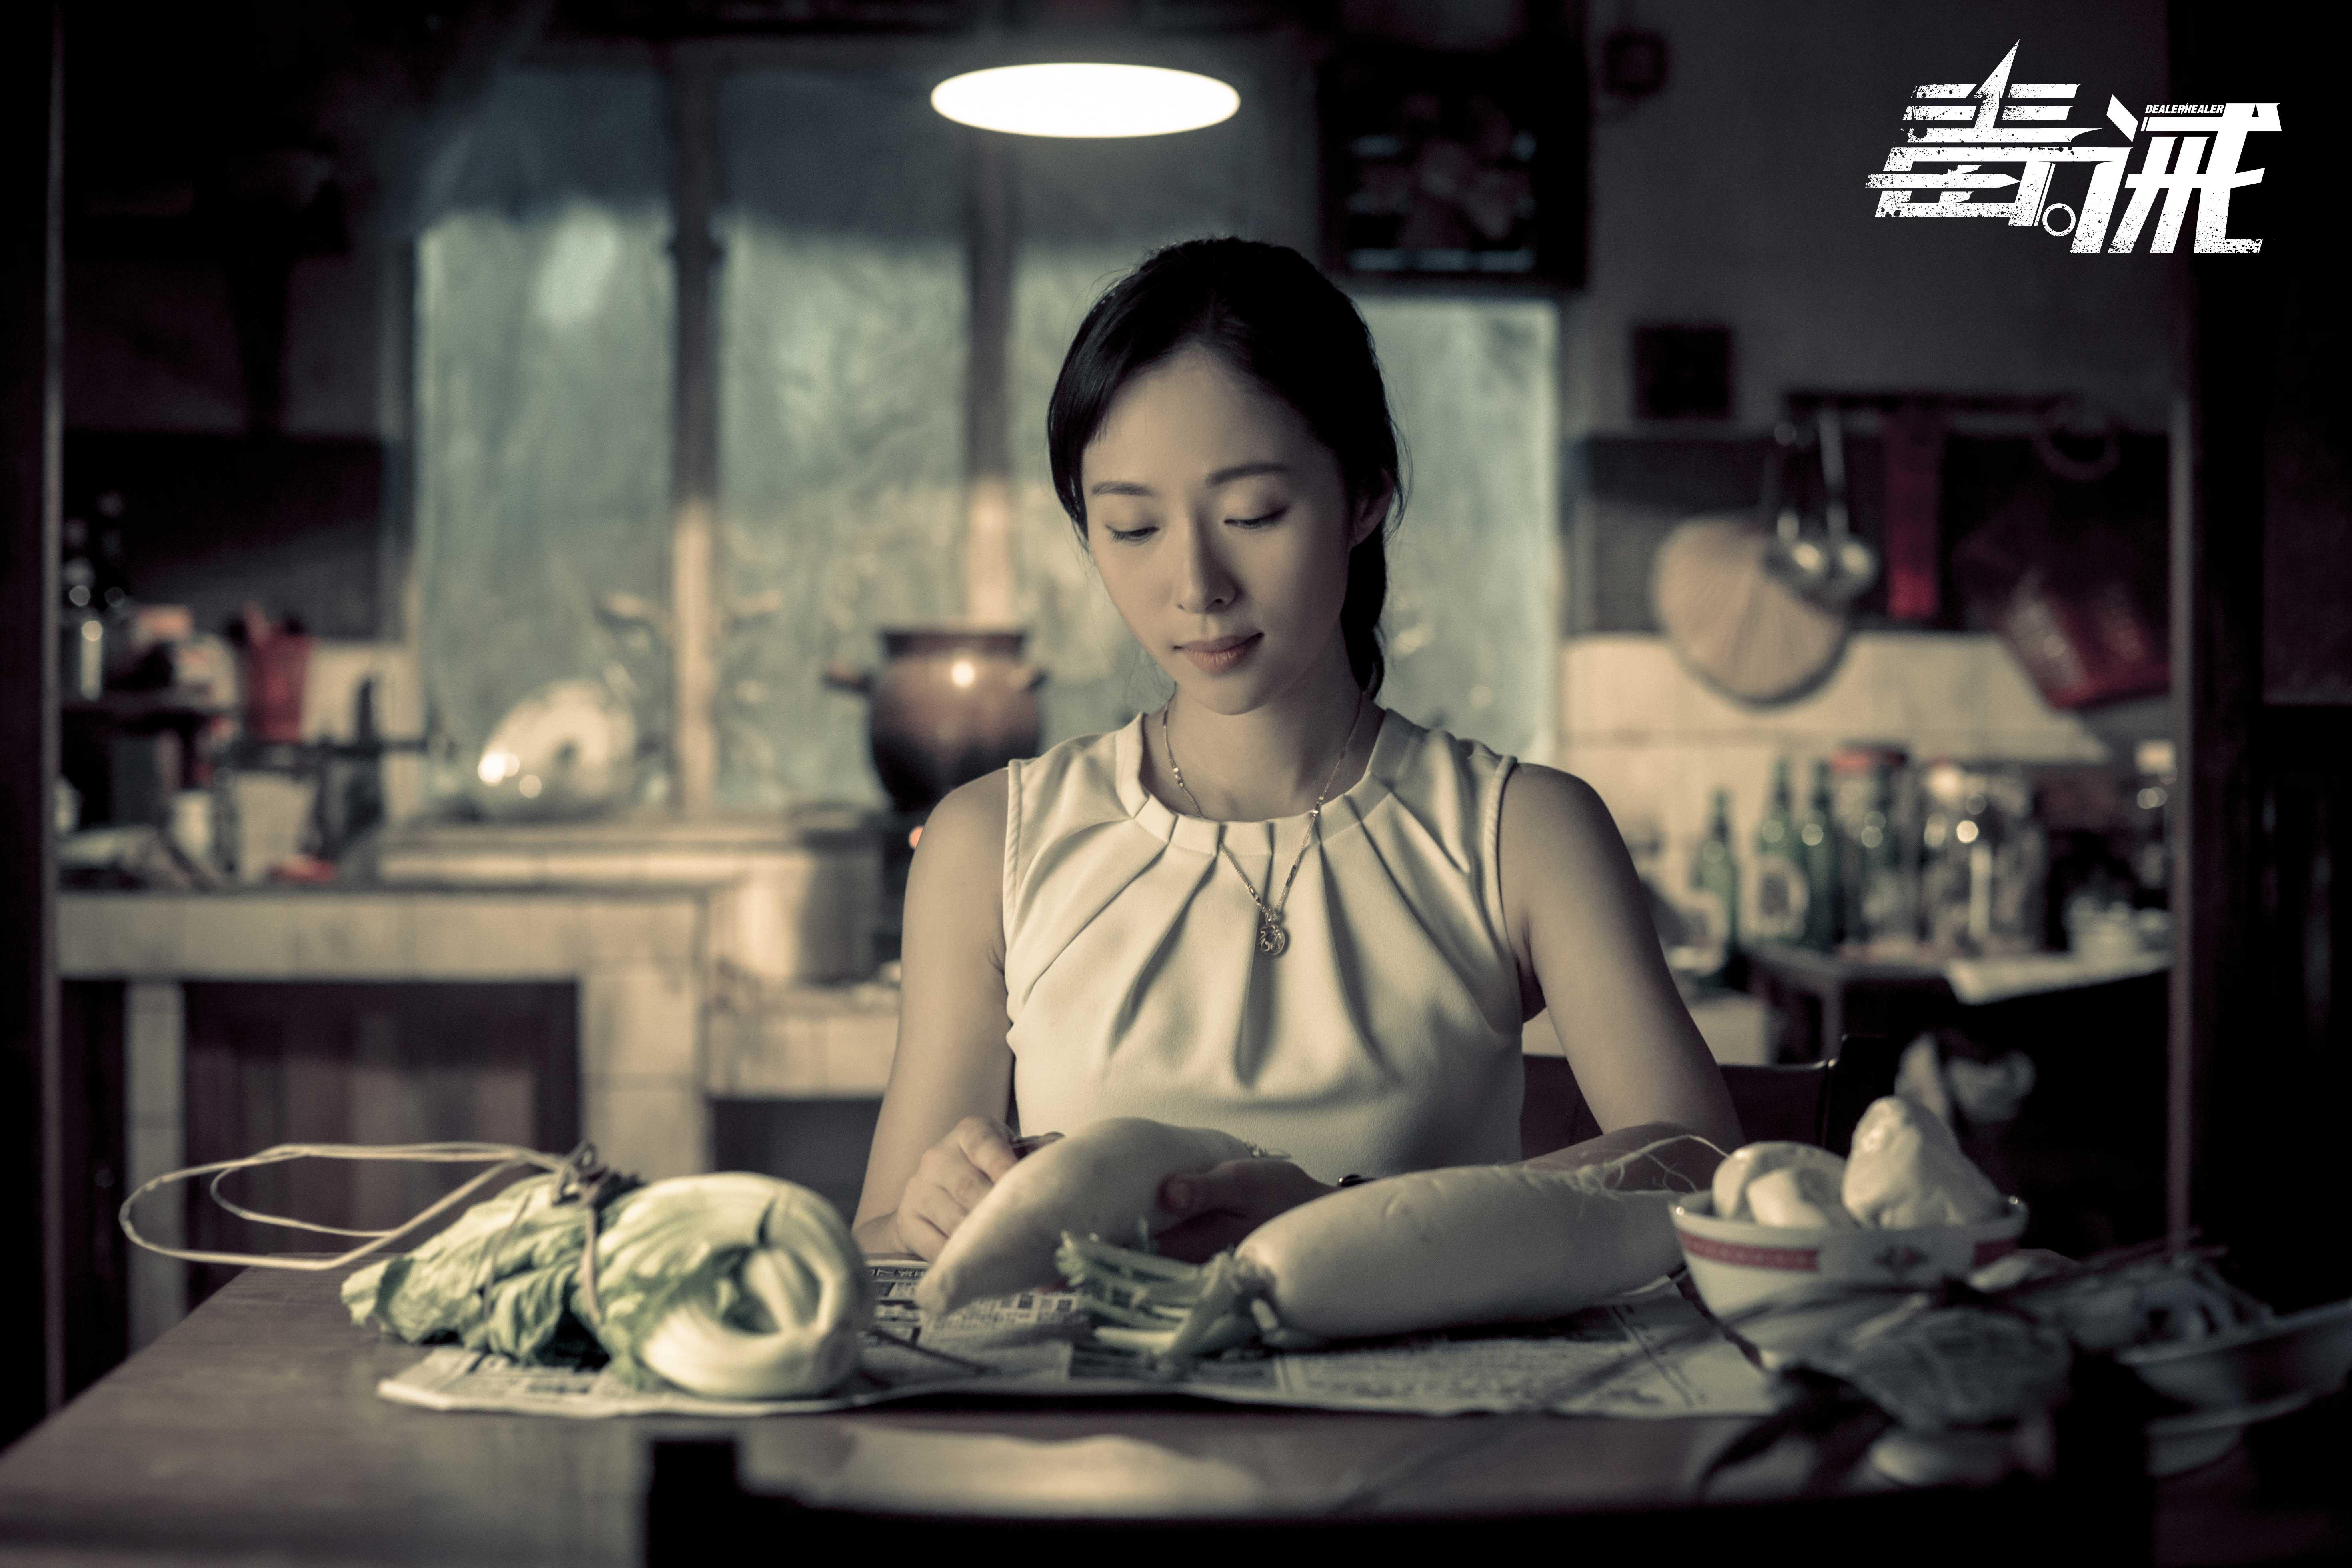 江一燕演绎大佬的女人 最深刻台词:真的猴索猴索